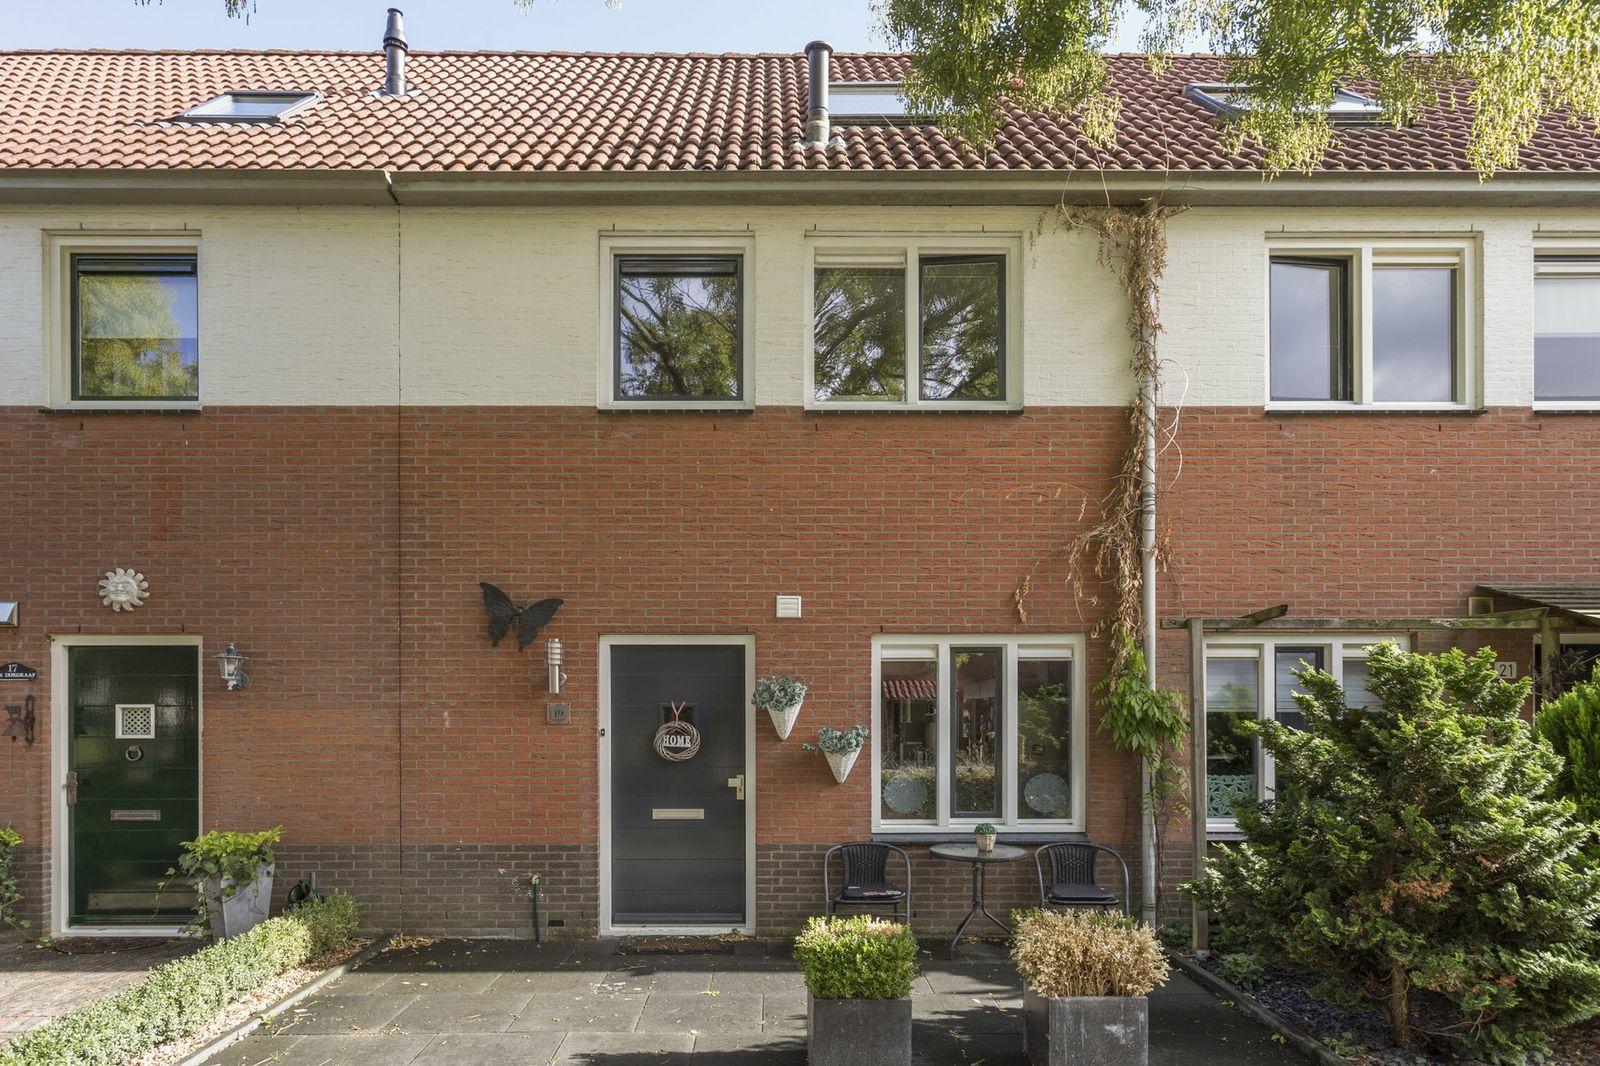 Versteegstraat 19, Deventer